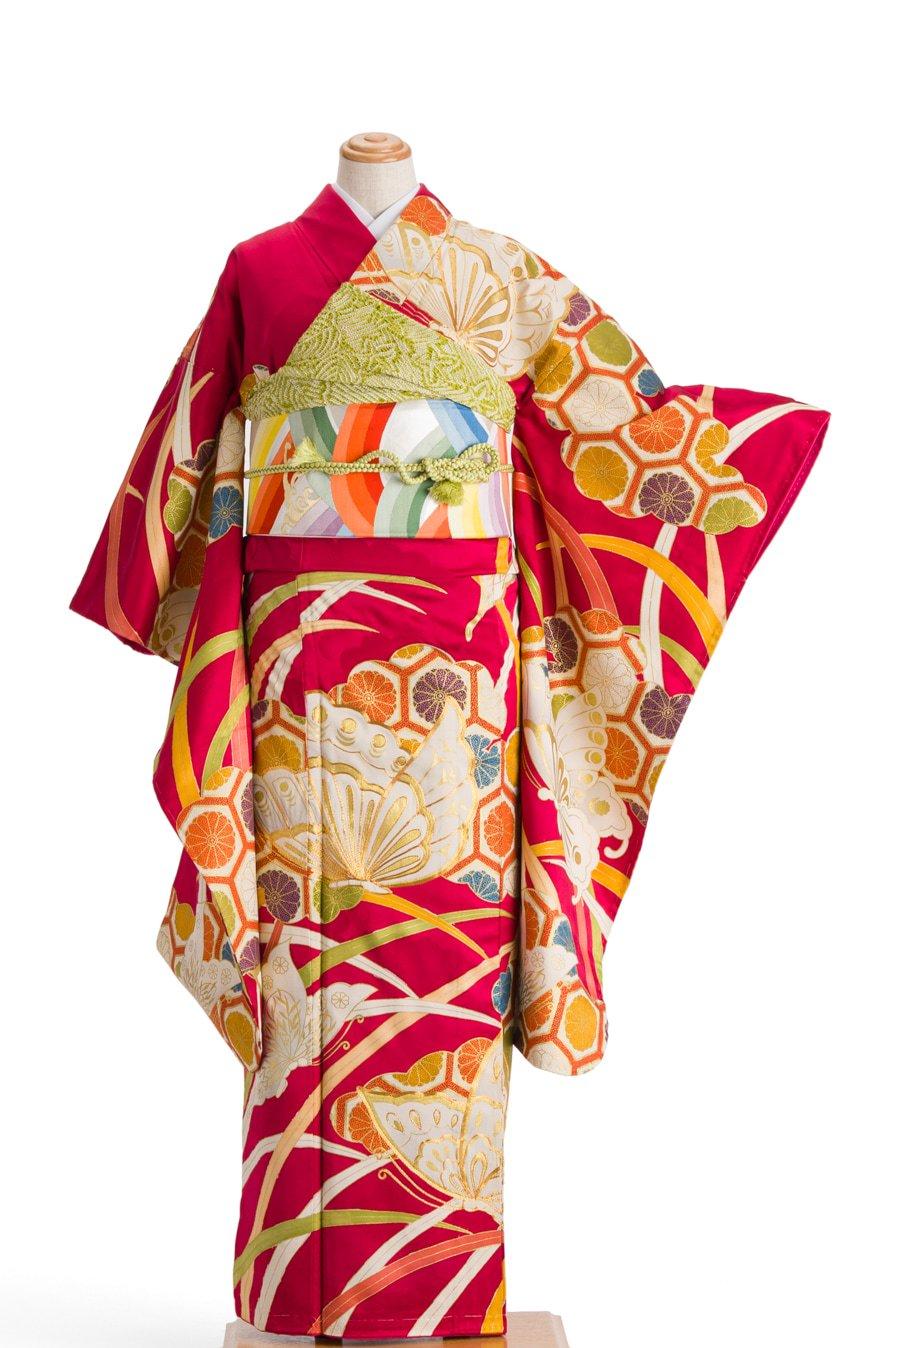 「振袖 亀甲と揚羽蝶」の商品画像